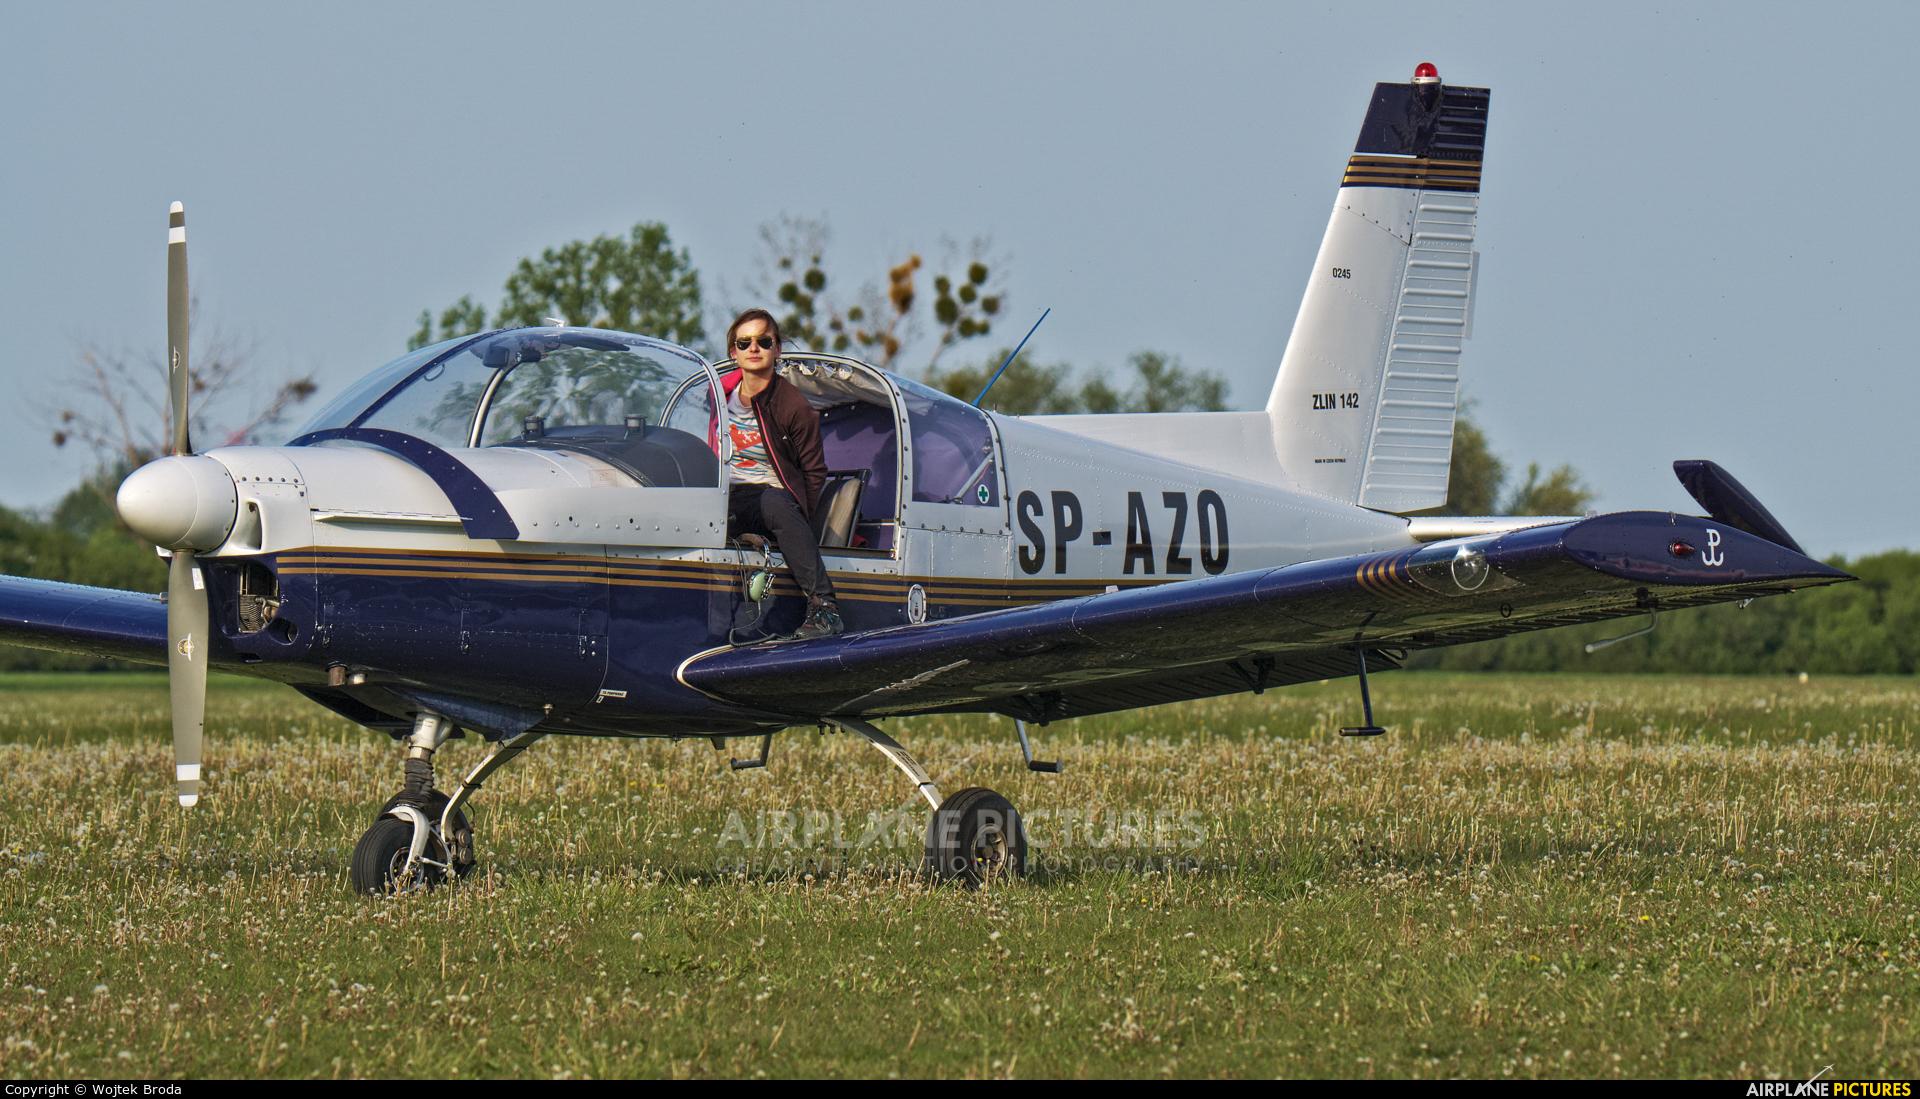 Aeroklub Poznański SP-AZO aircraft at Wrocław - Szymanów